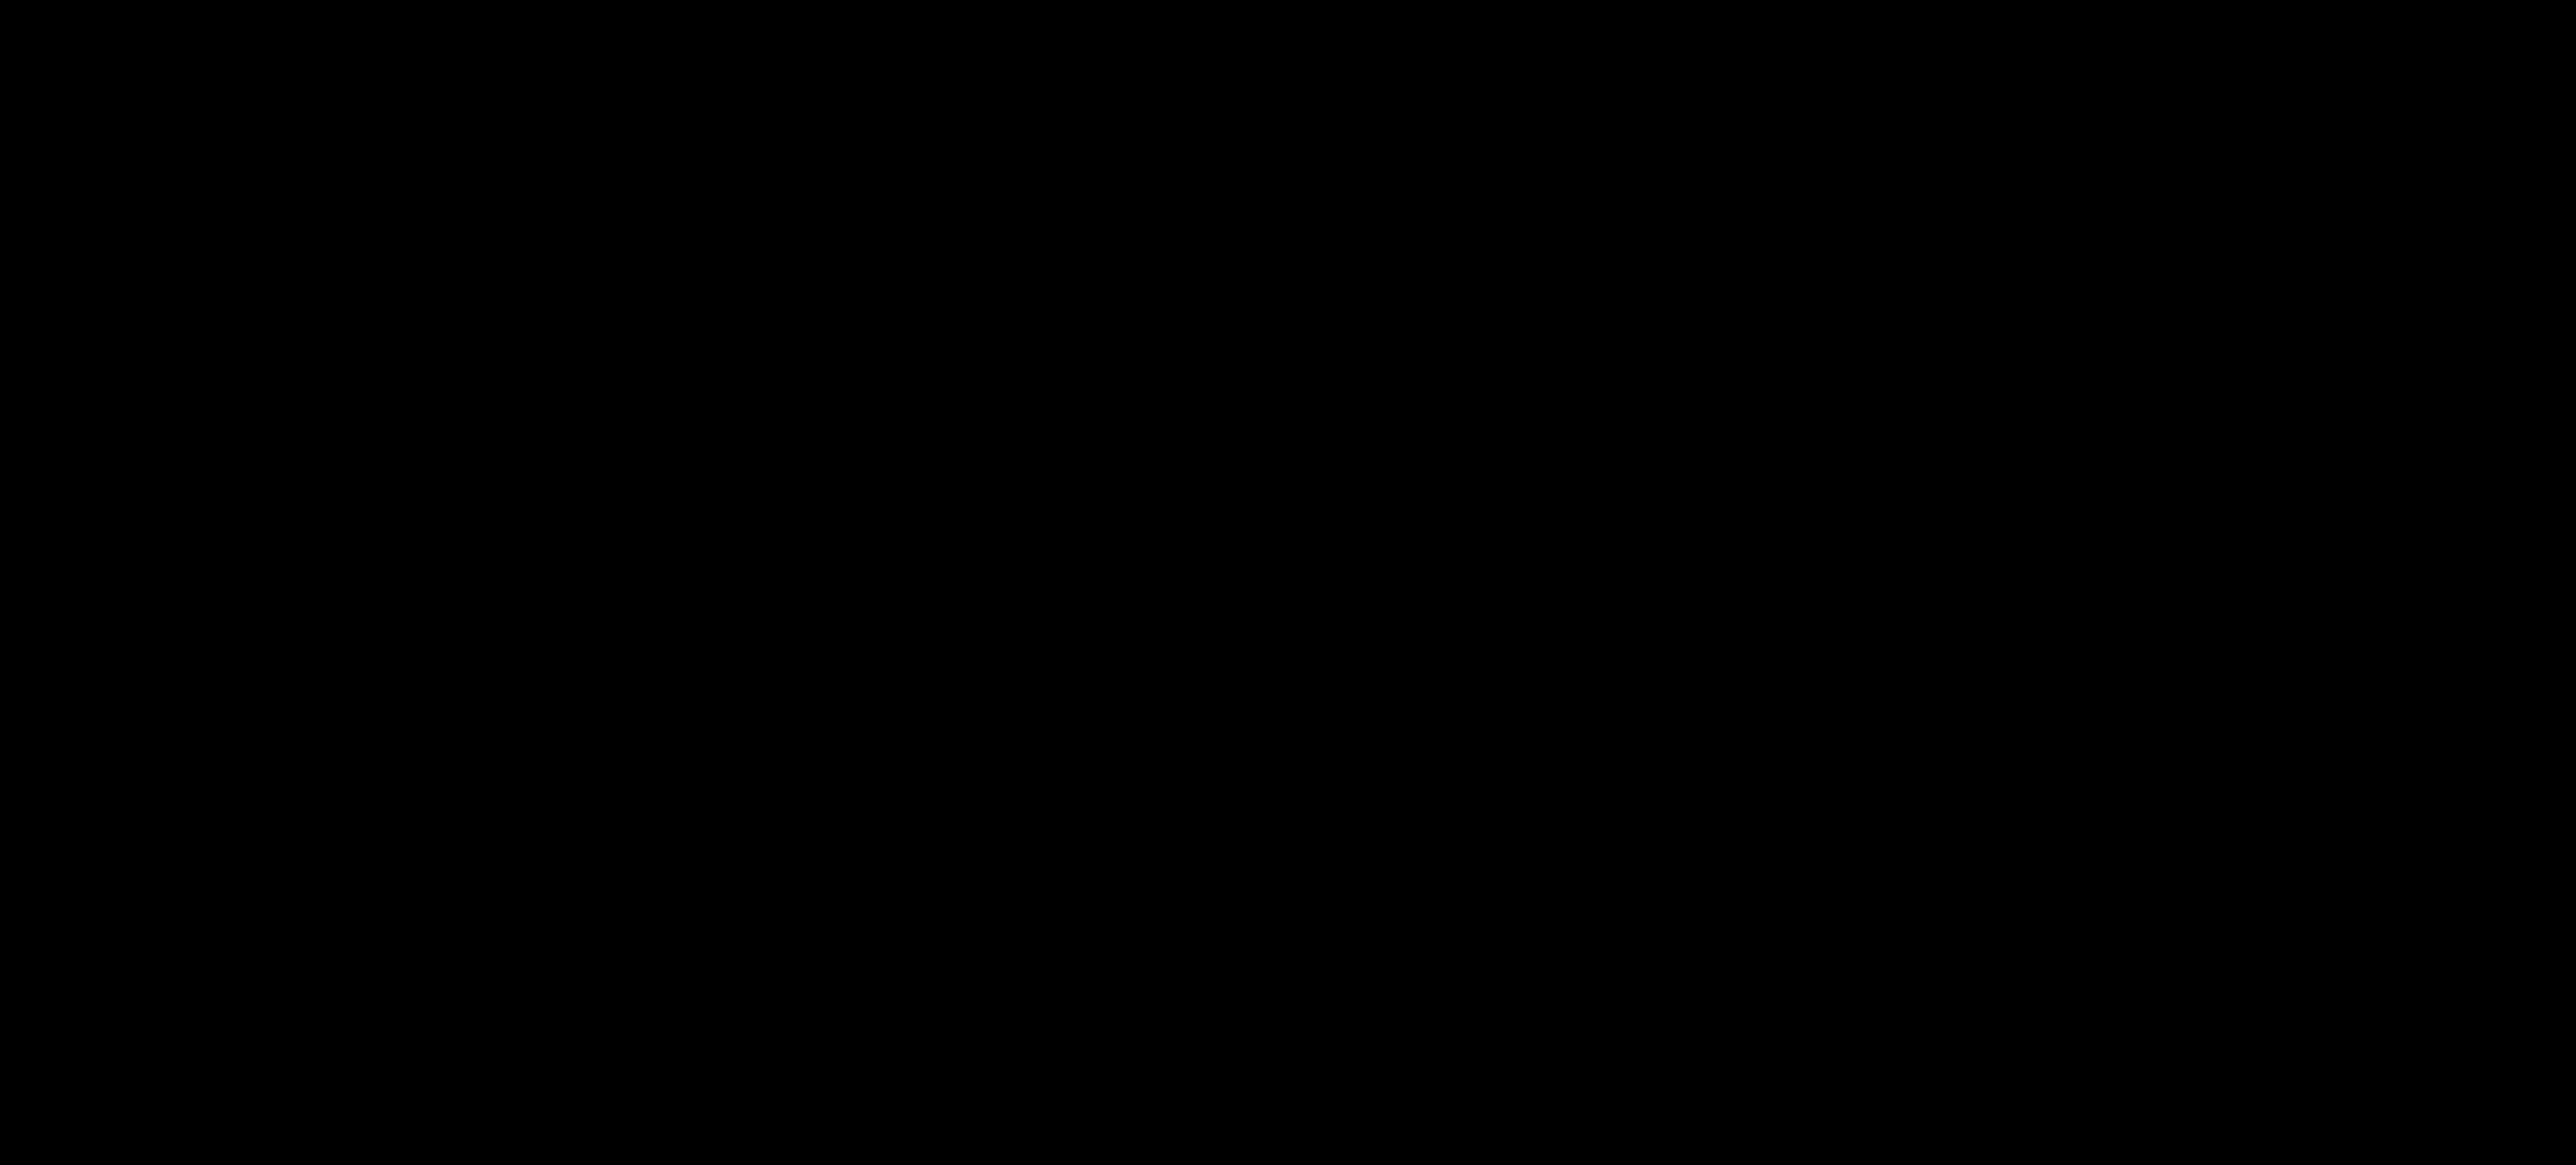 珠海AS动漫游戏展,一场迟到的相约